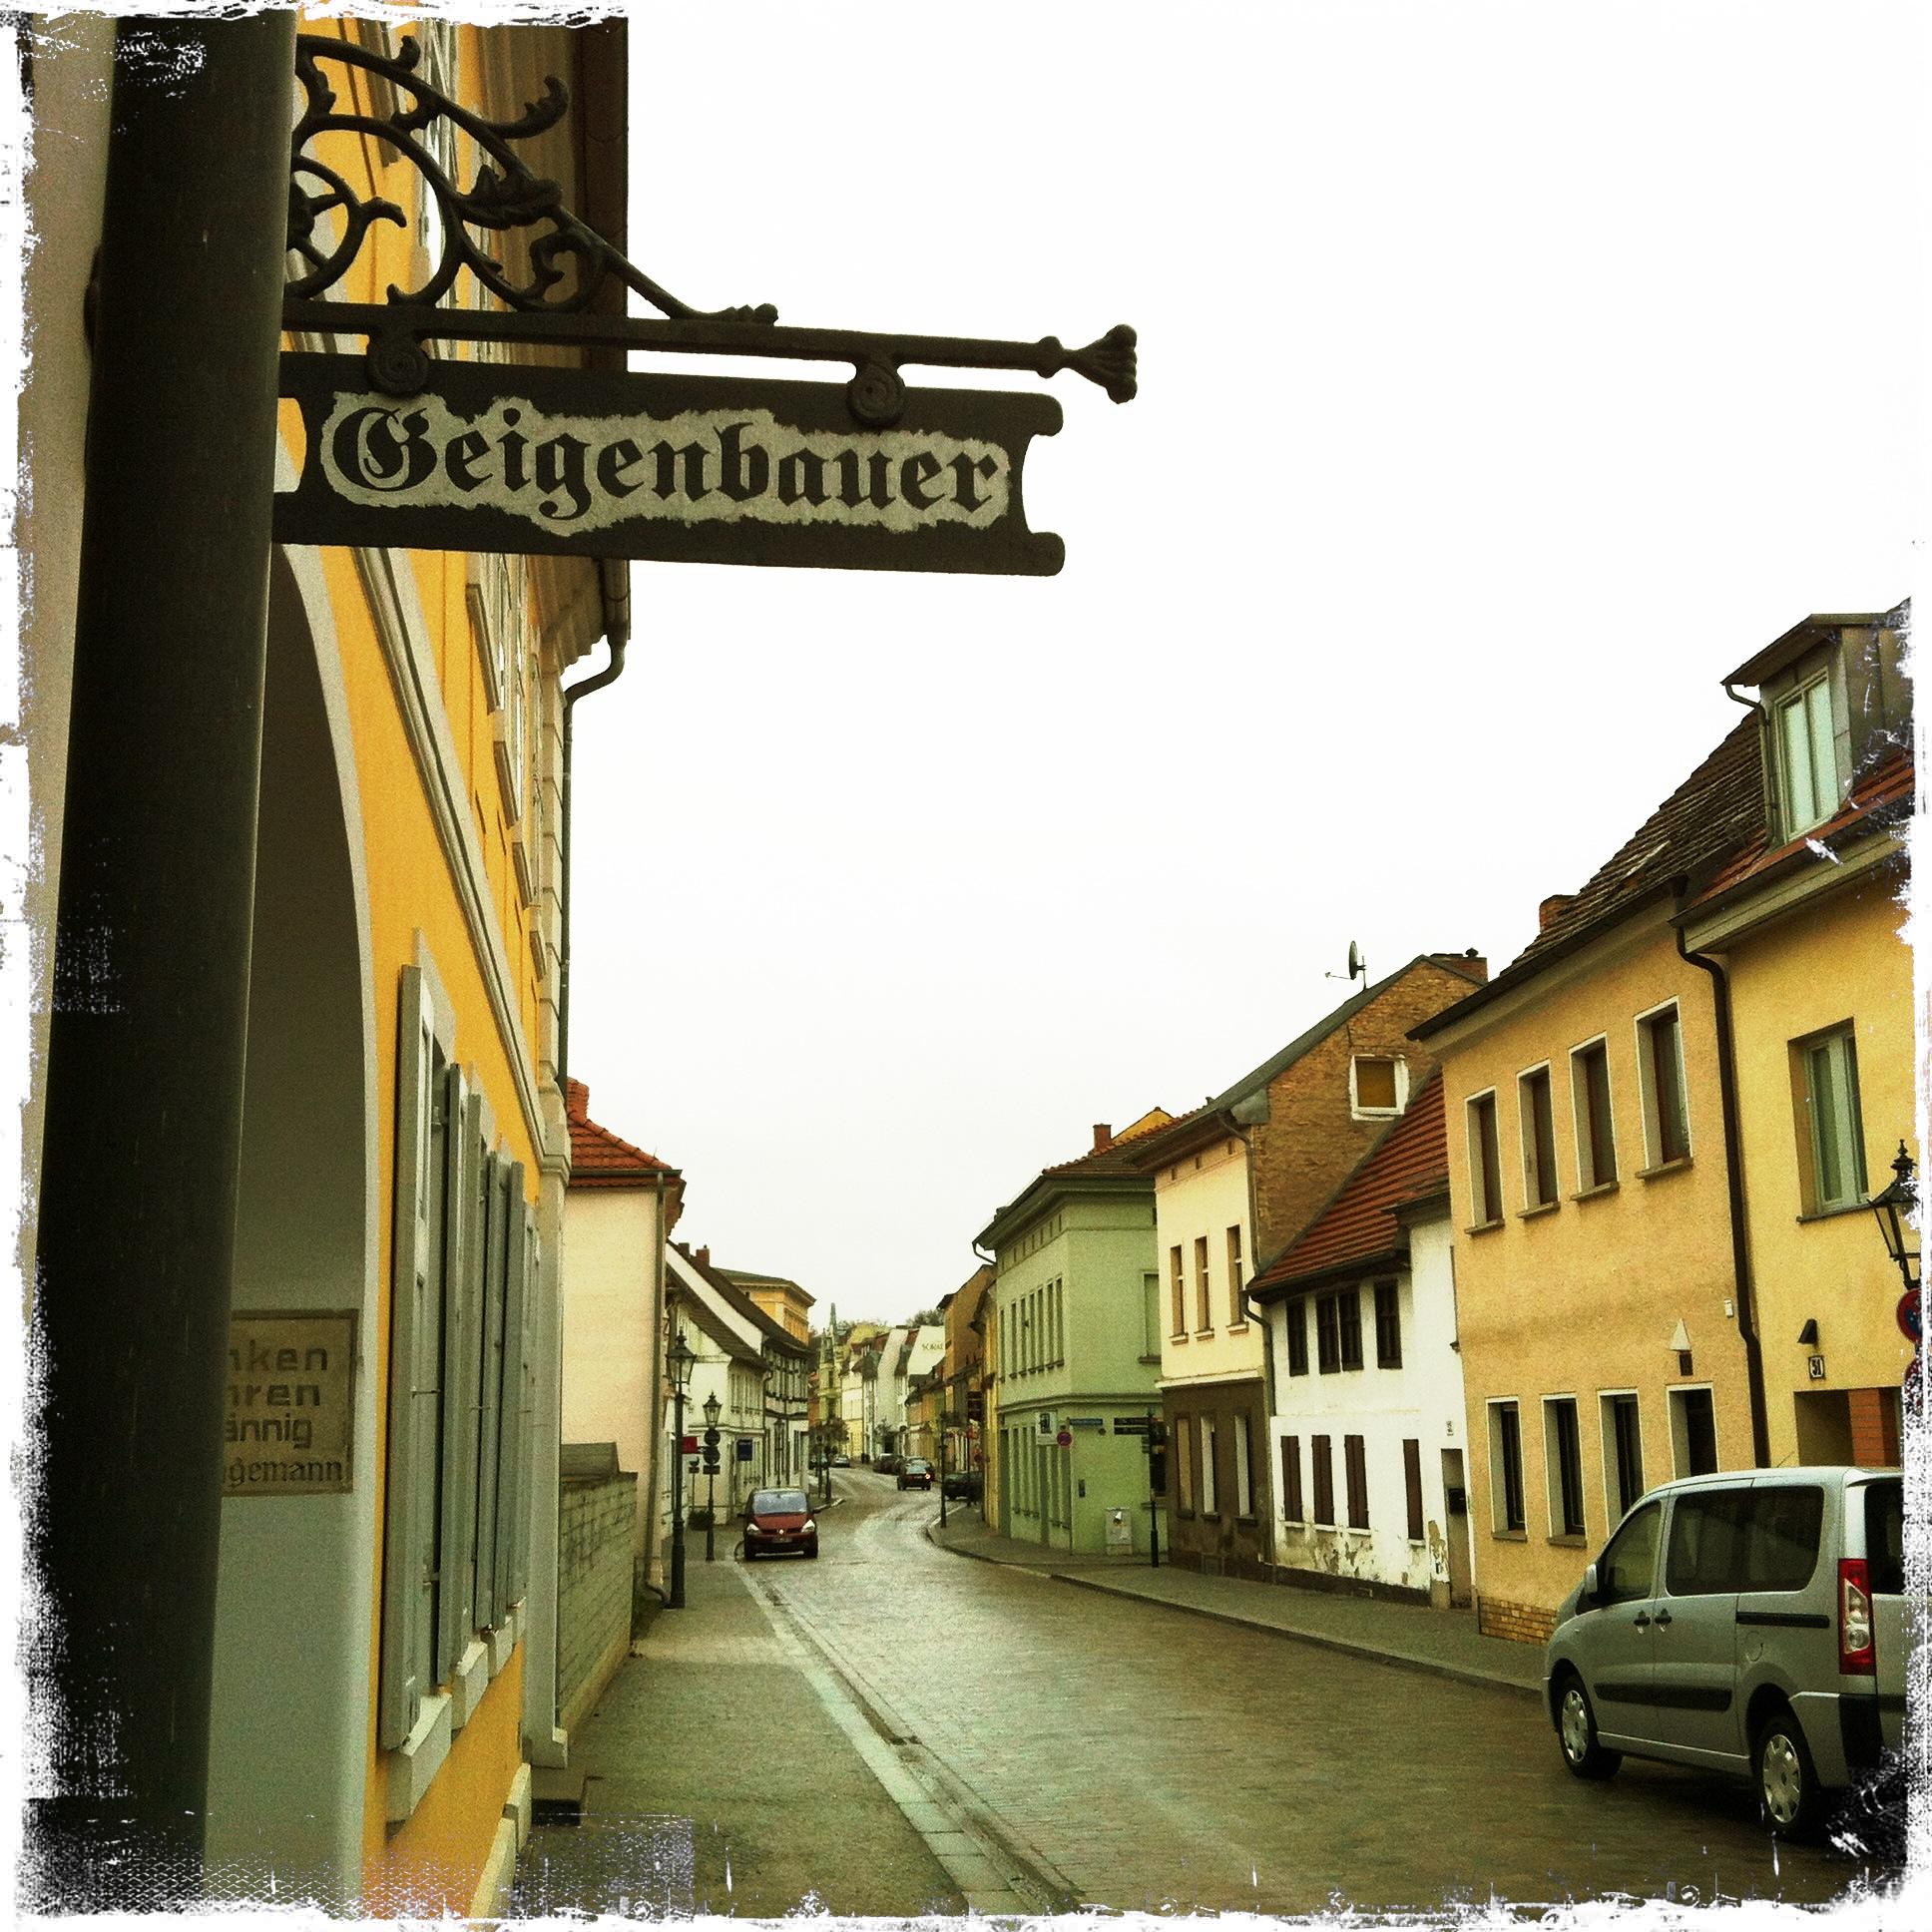 Brandenburg an der Havel l Geigenbauer